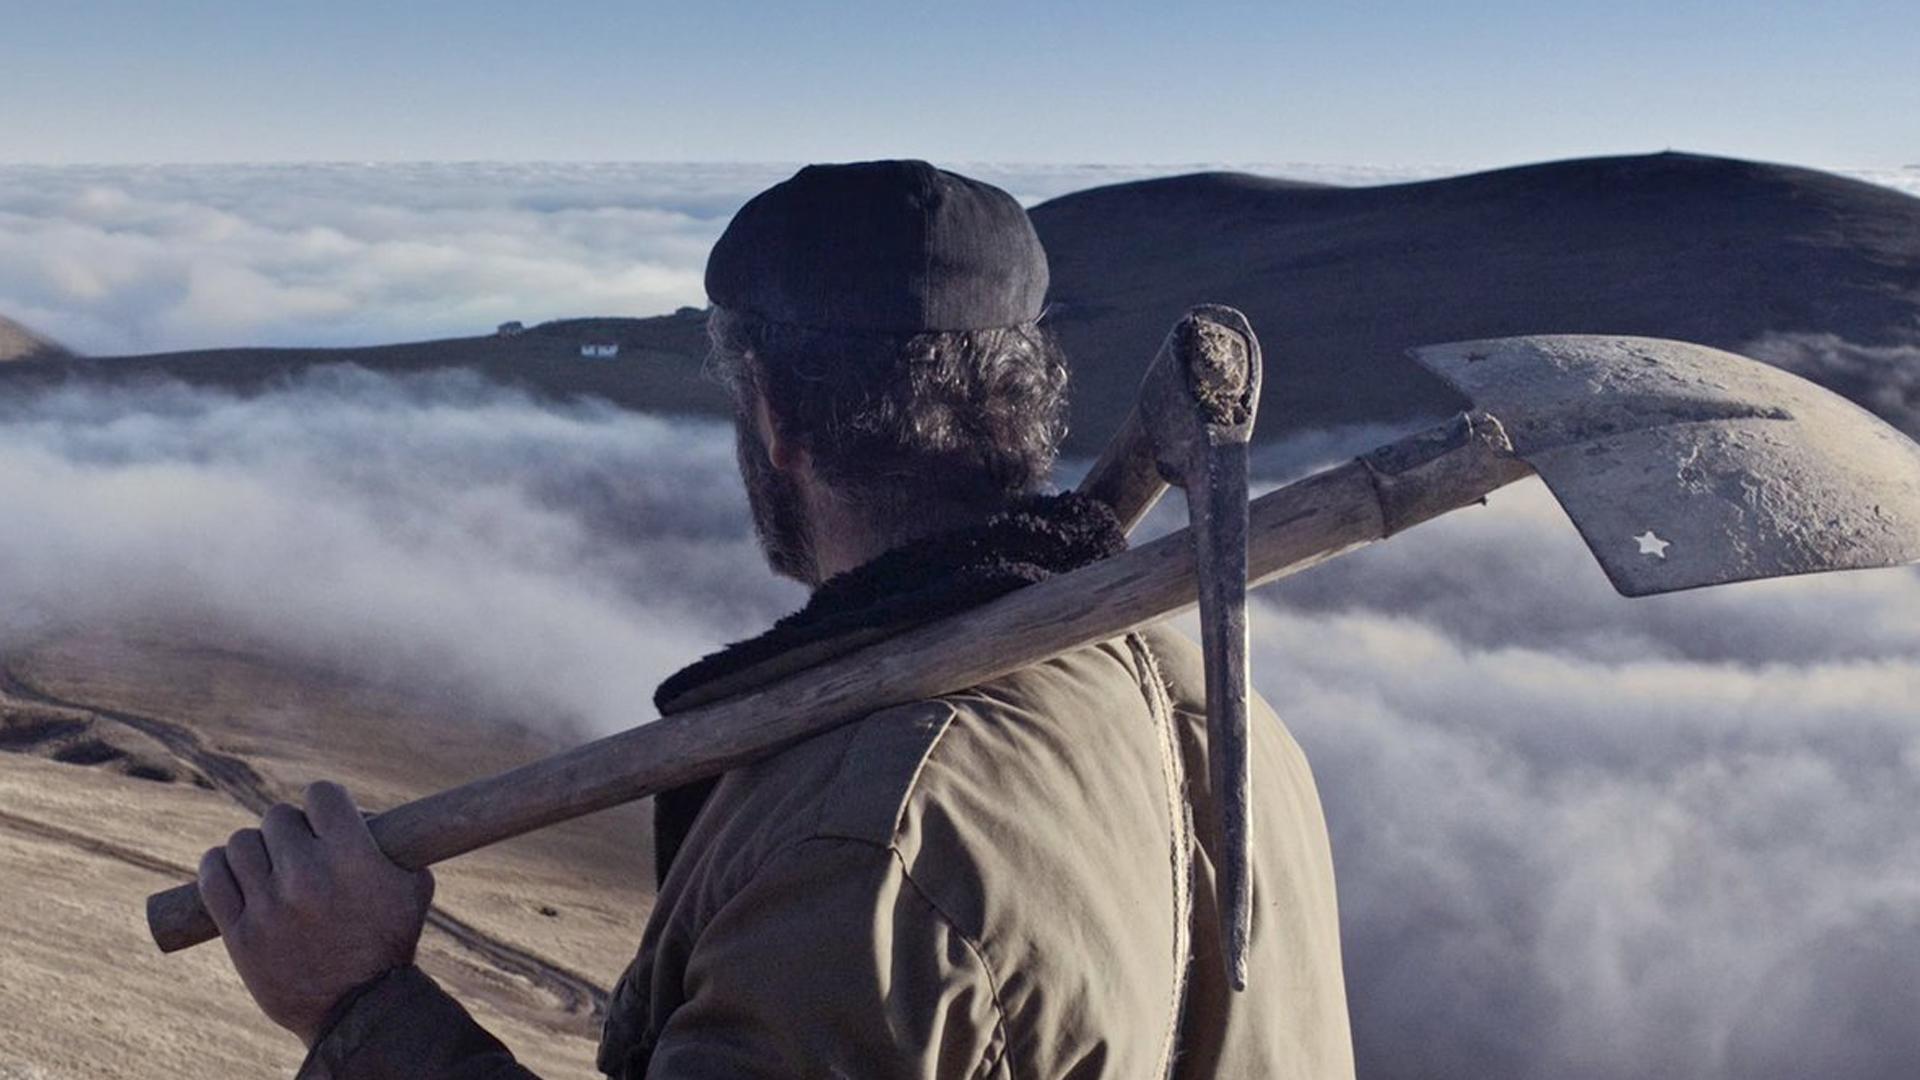 קולנוע טורקי חדש <br> על גבולות ואנשים